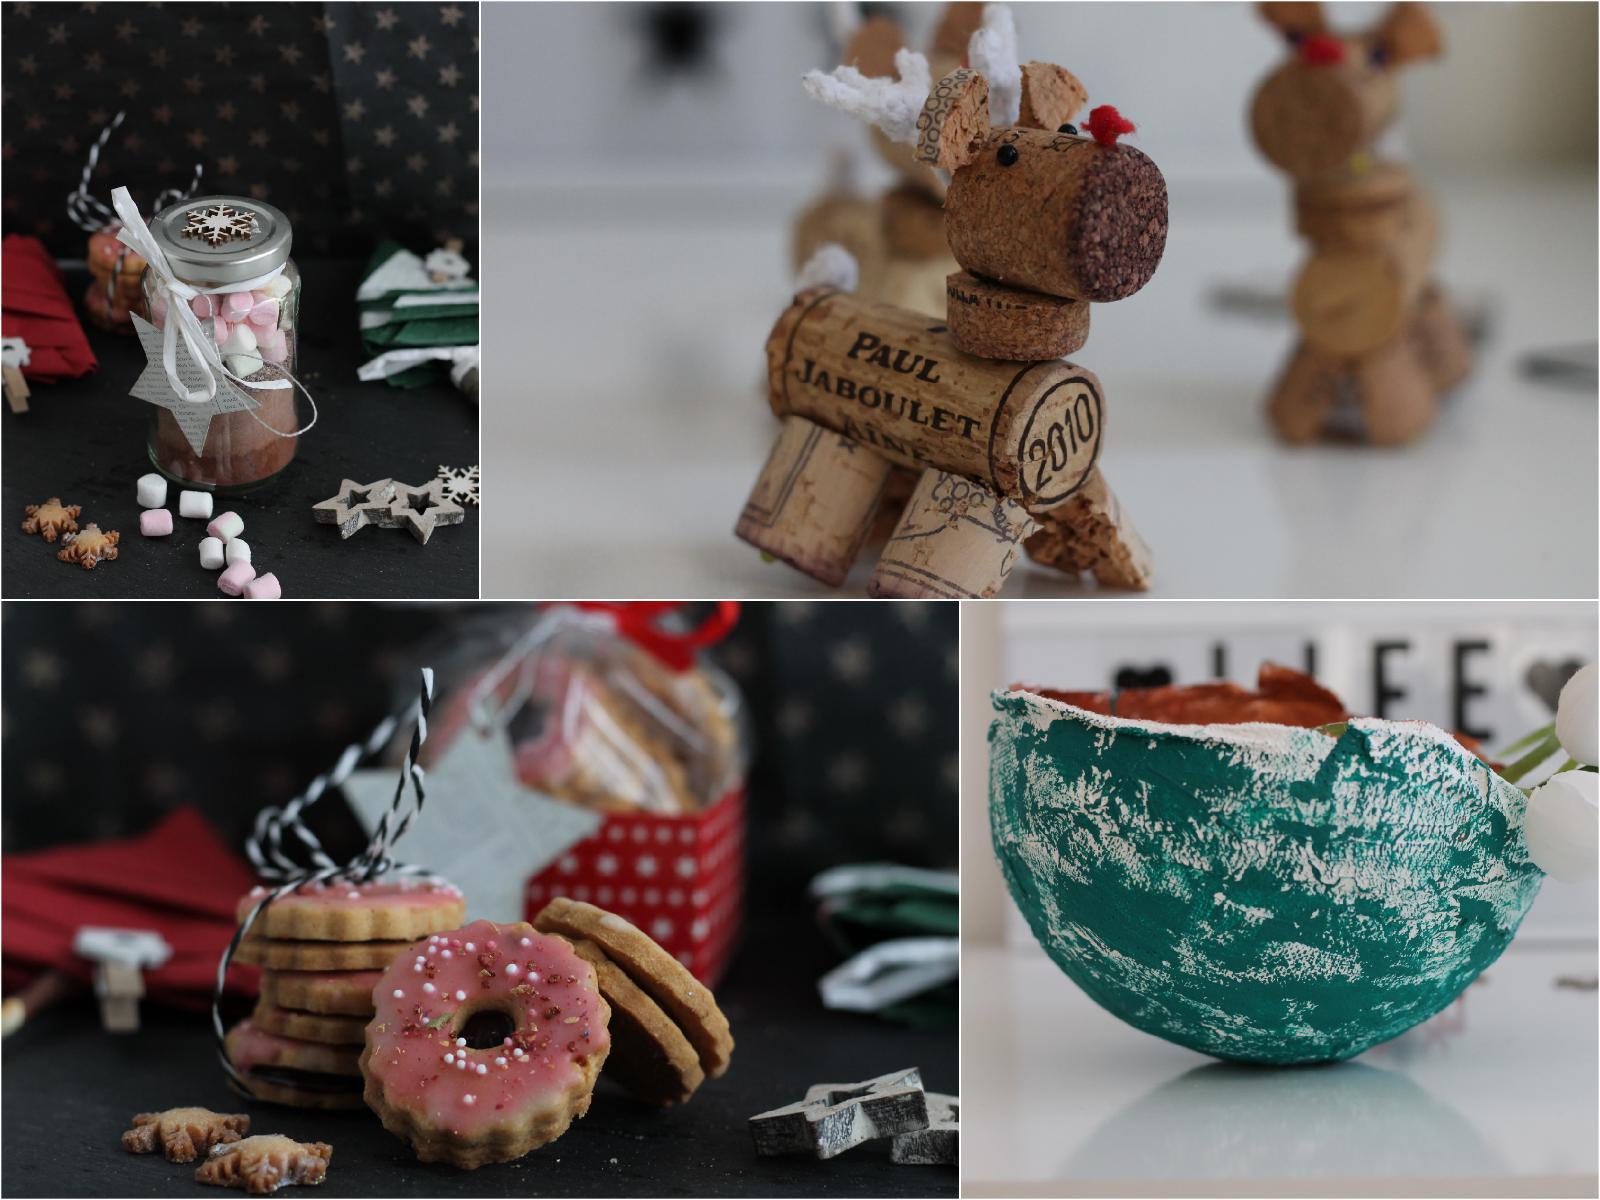 Diy Geschenke Weihnachten  CASTLEMAKER Lifestyle Blog DIY Geschenke mit Kindern für